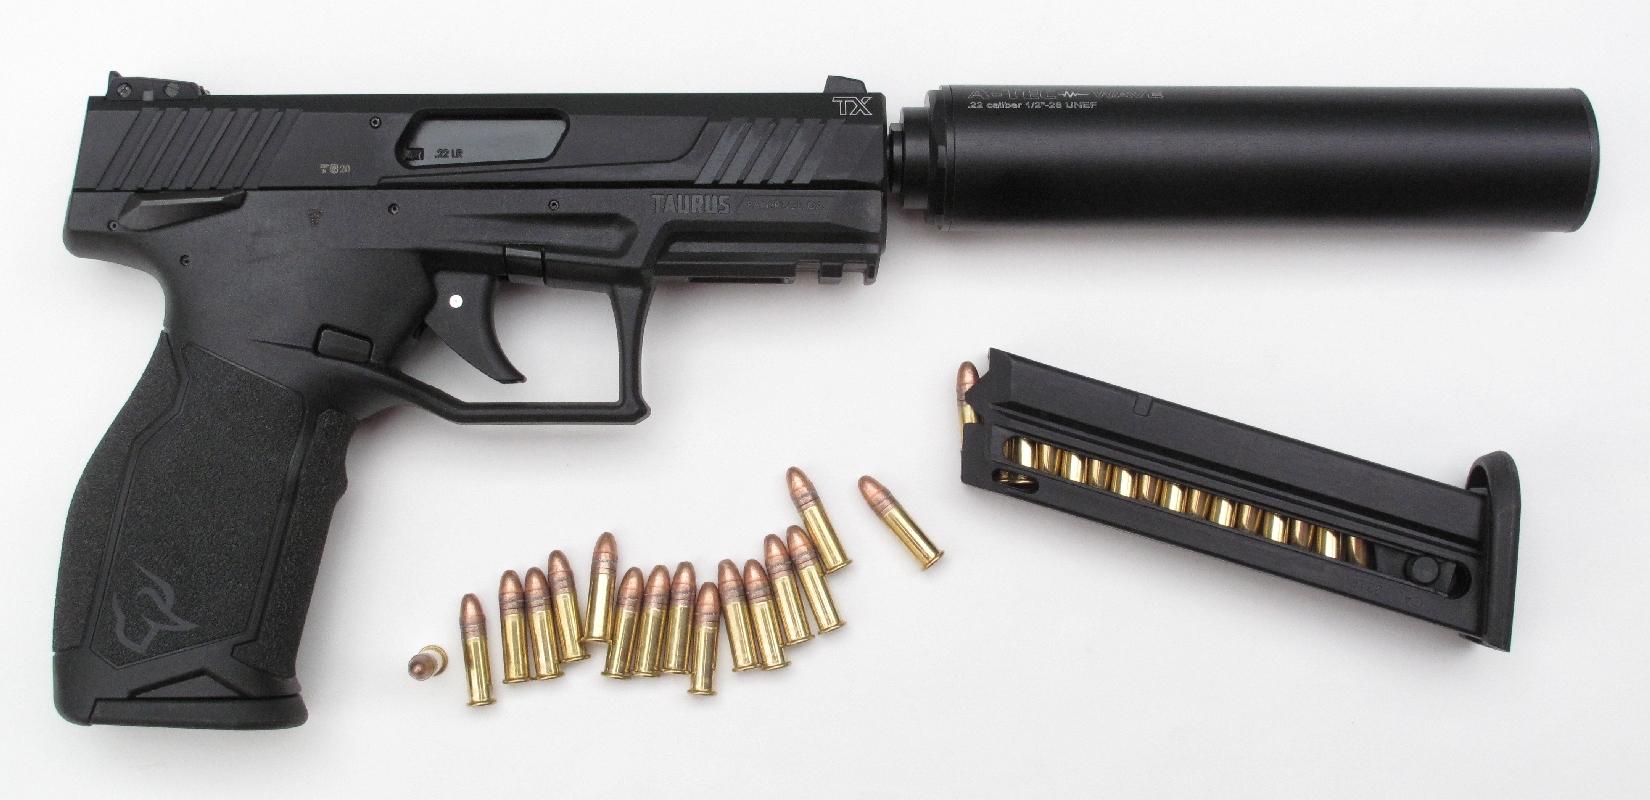 Pistolet Taurus modèle TX 22 de calibre .22 Long Rifle